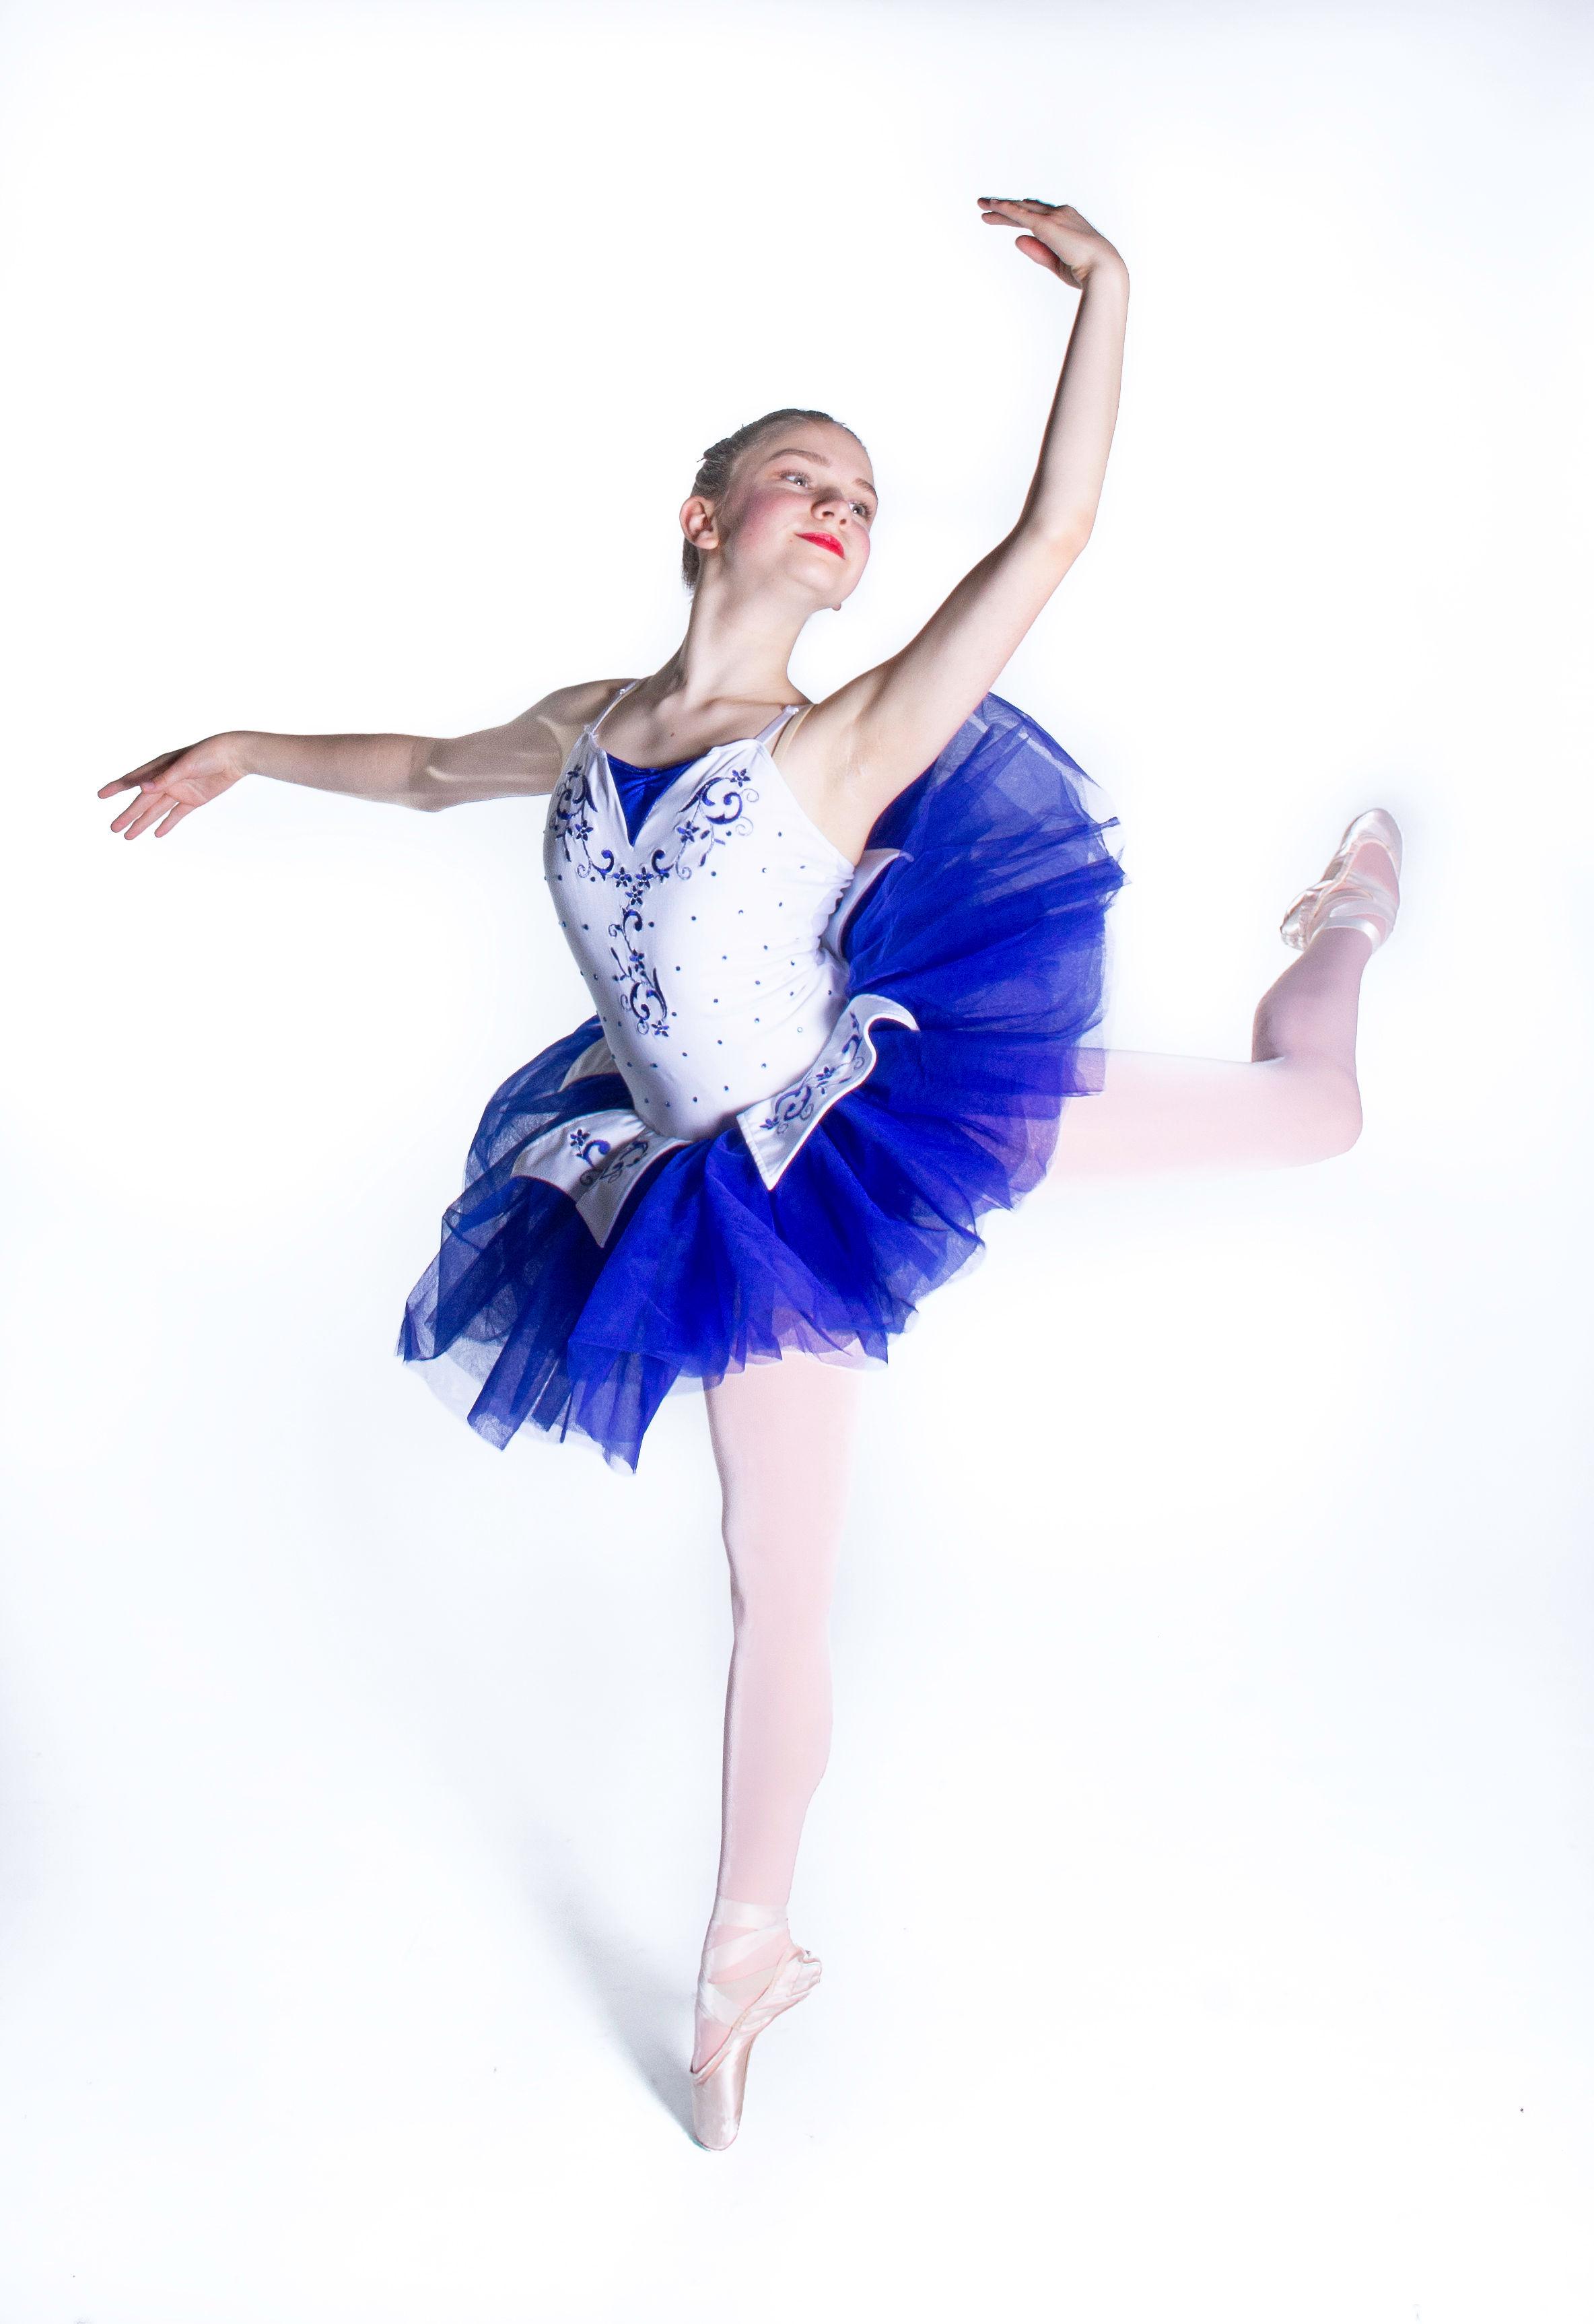 academy of ballet fantastique student, lindsey wingard (age 13) photo: gustavo ramirez